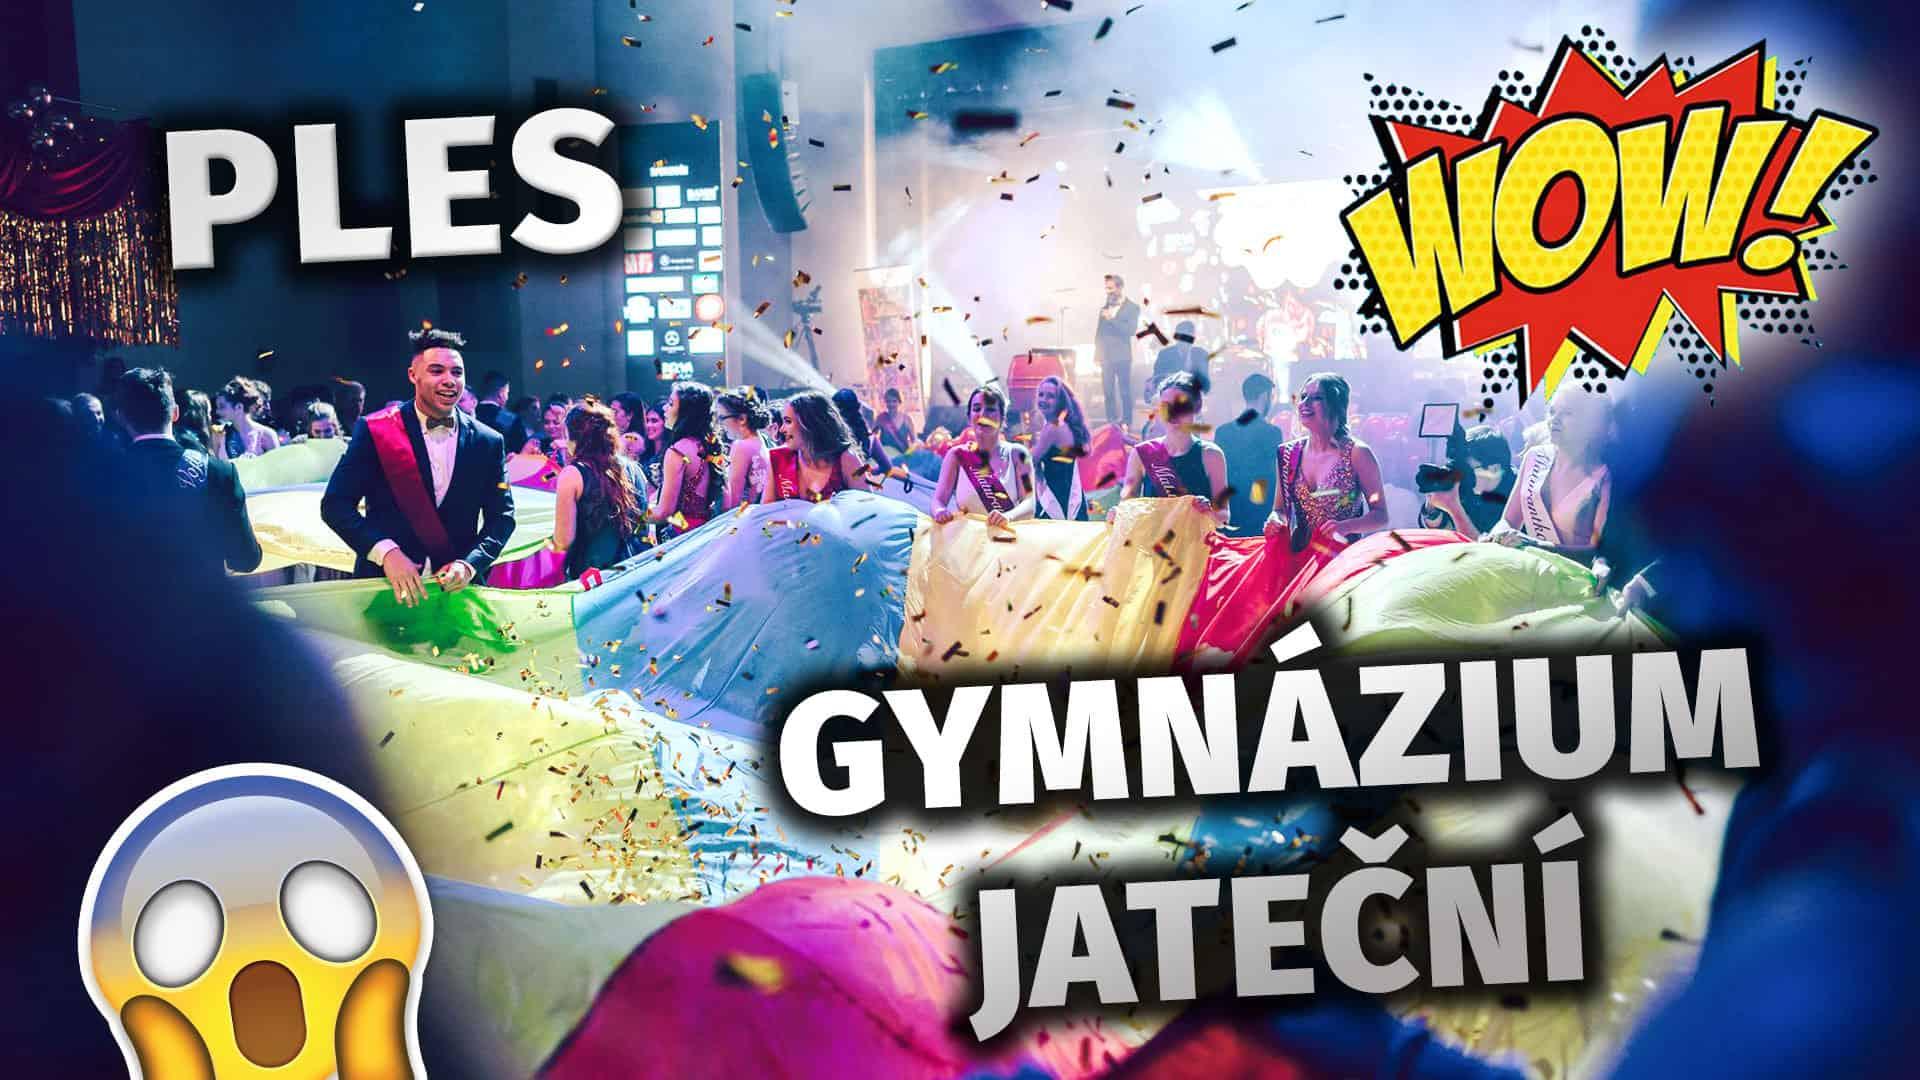 Maturitní ples - Gymnázium Jateční Ústí nad Labem | Světové Karnevaly | 17.1.2020